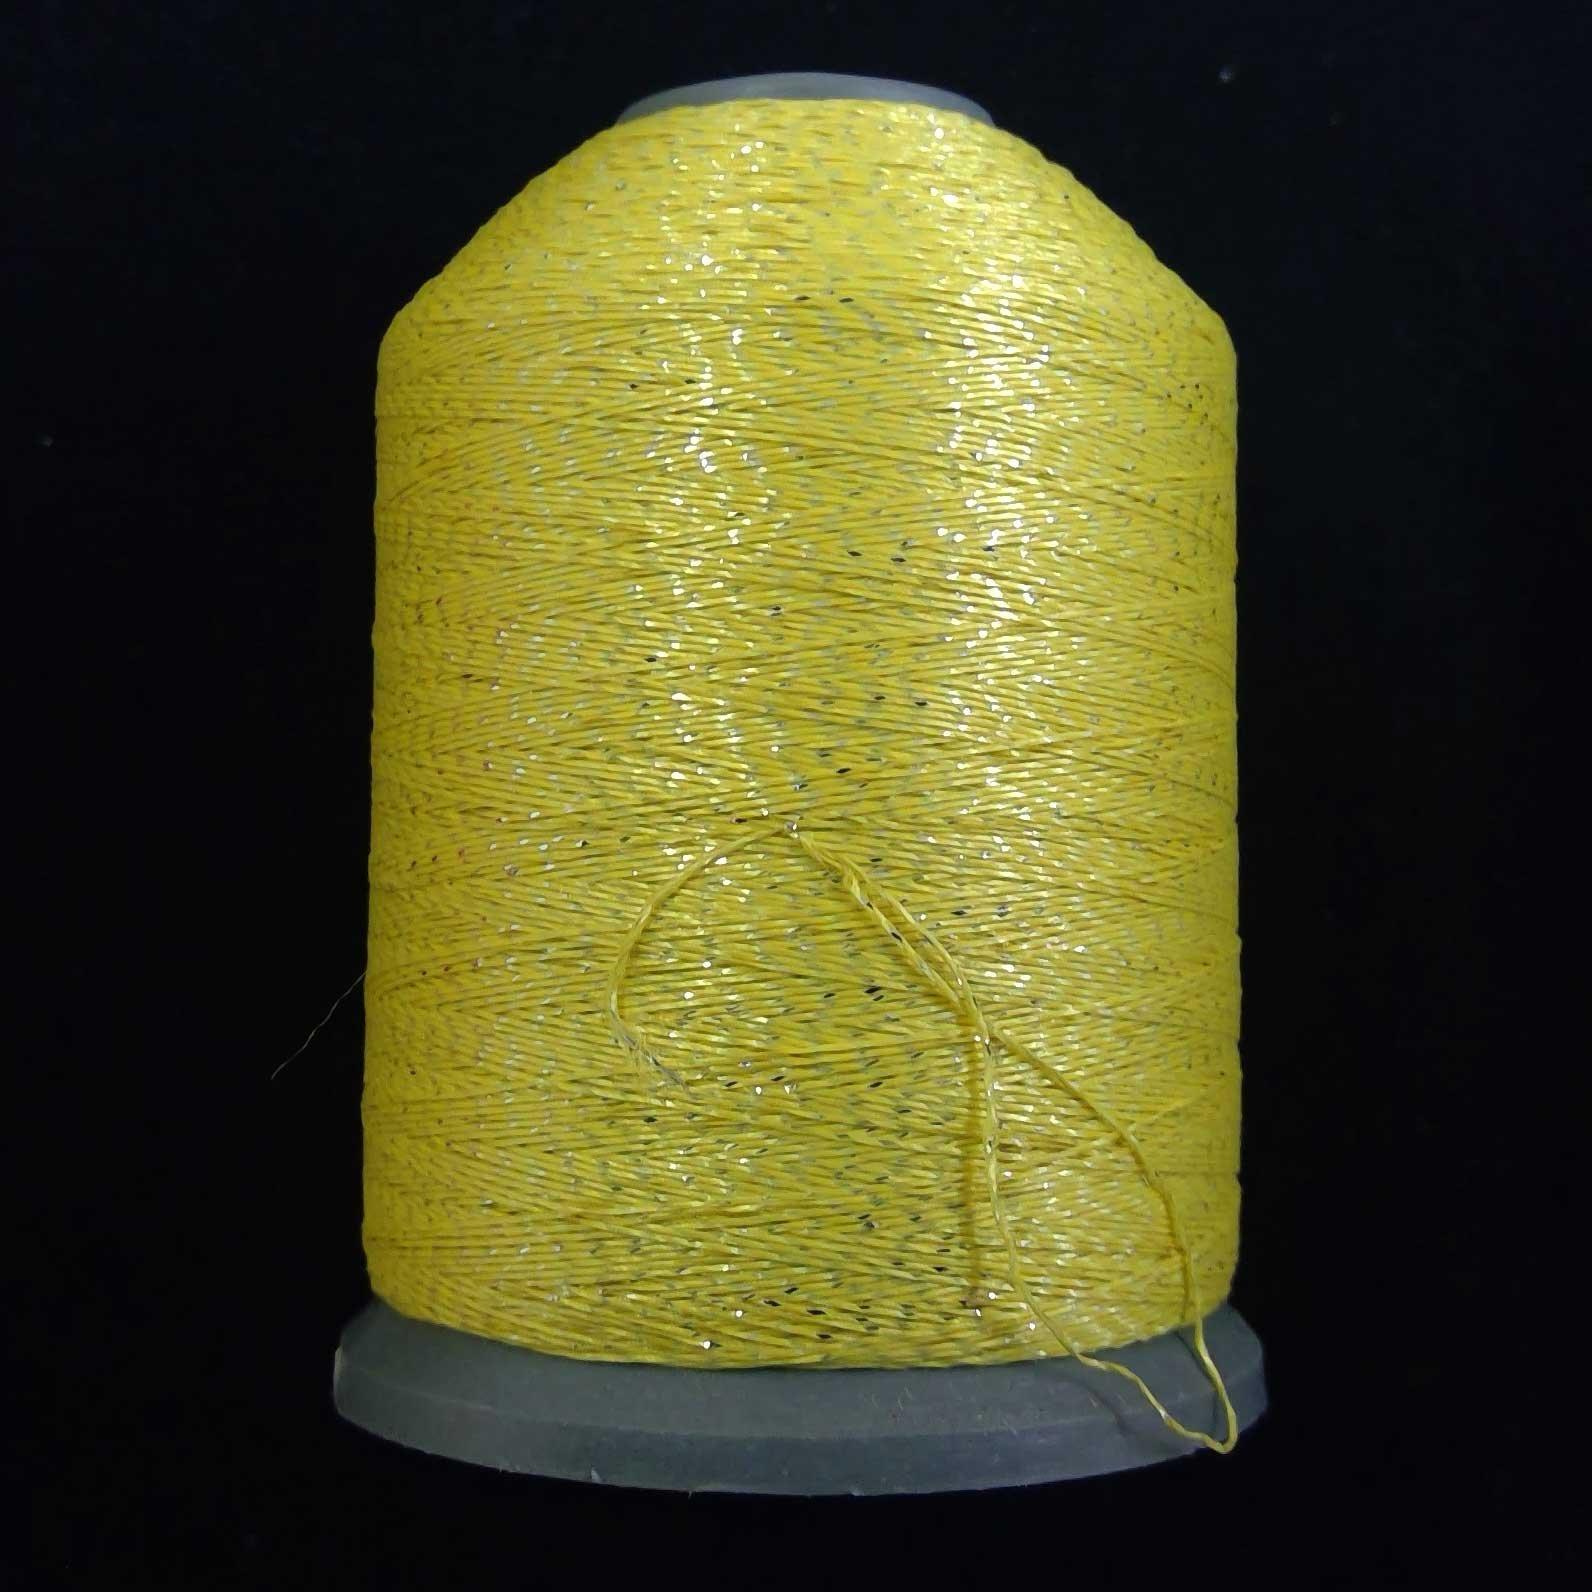 Semi-Metallic Embroidery Thread Yellow 1000m